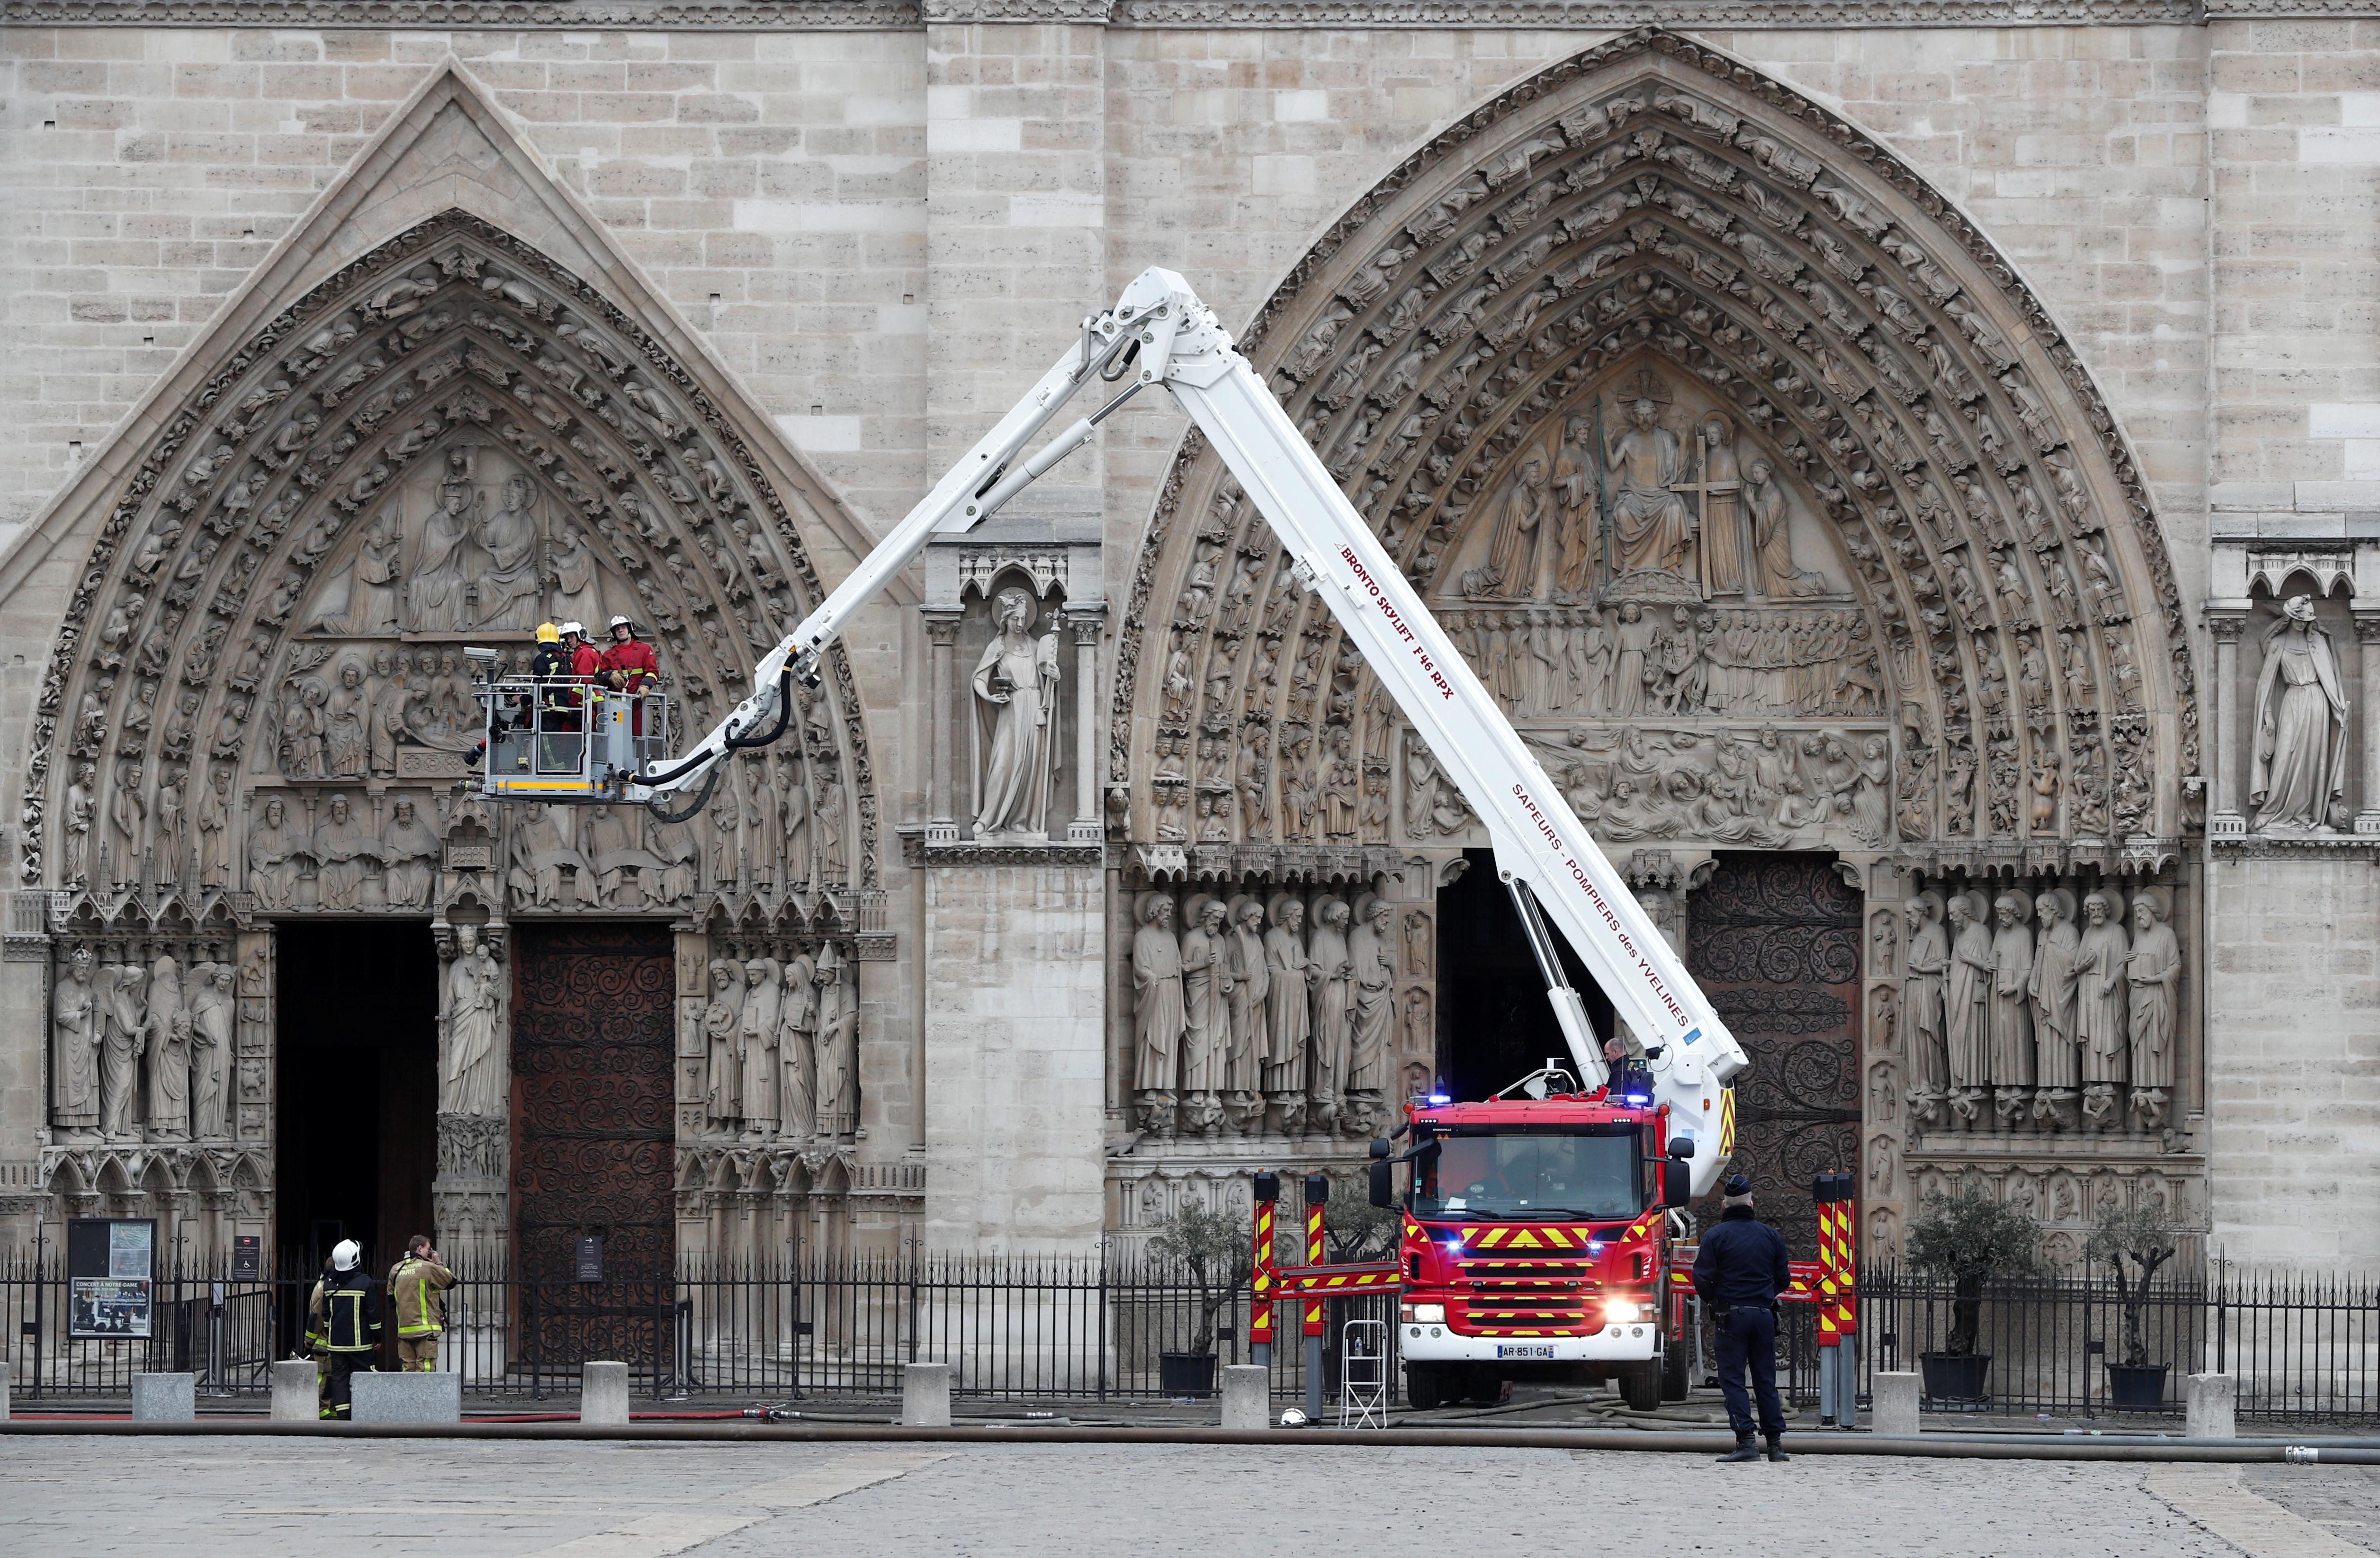 سيارة إطفاء أمام كاتدرائية نوتردام في باريس